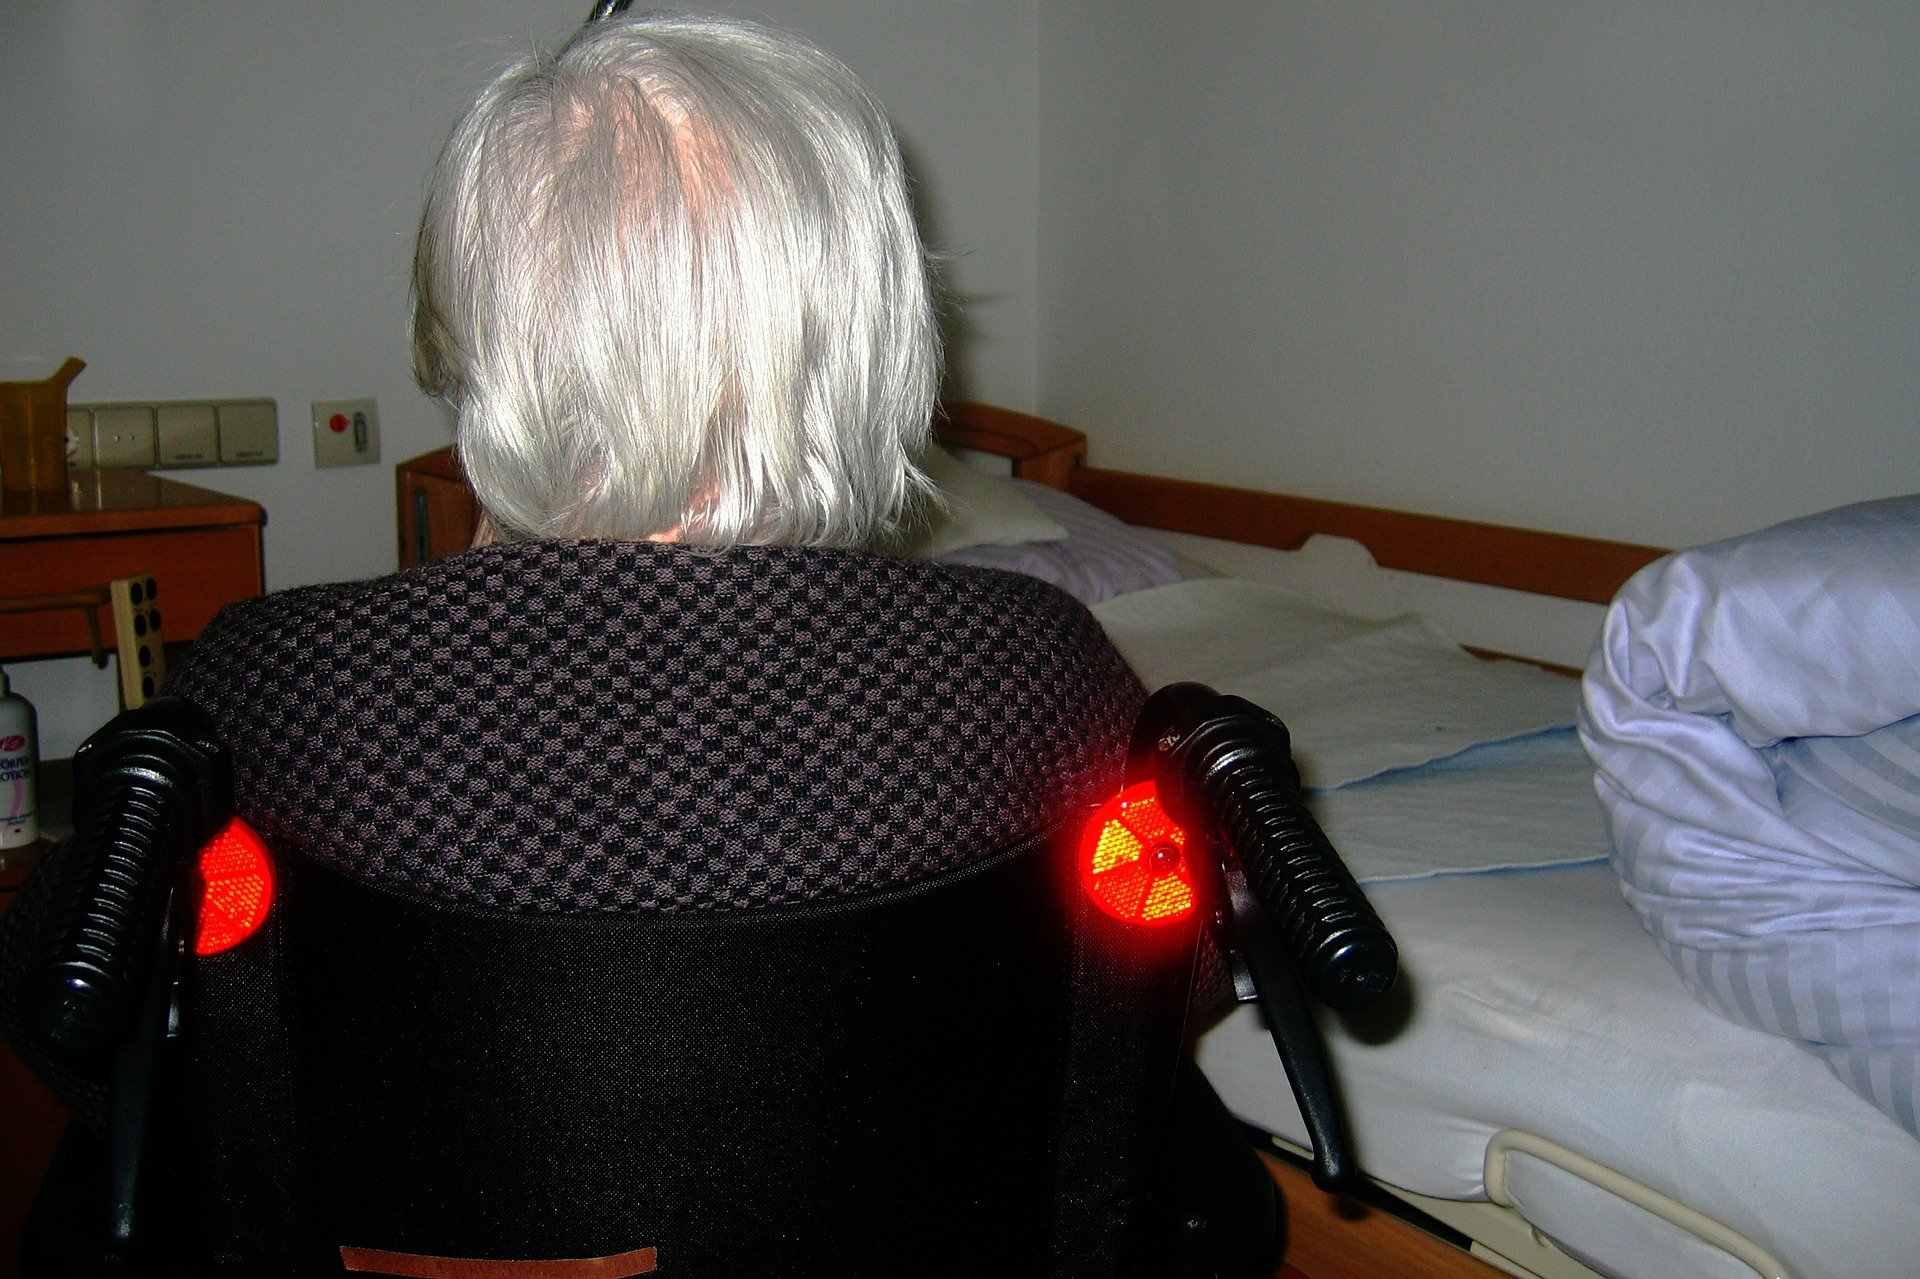 probelme von ältere menschen